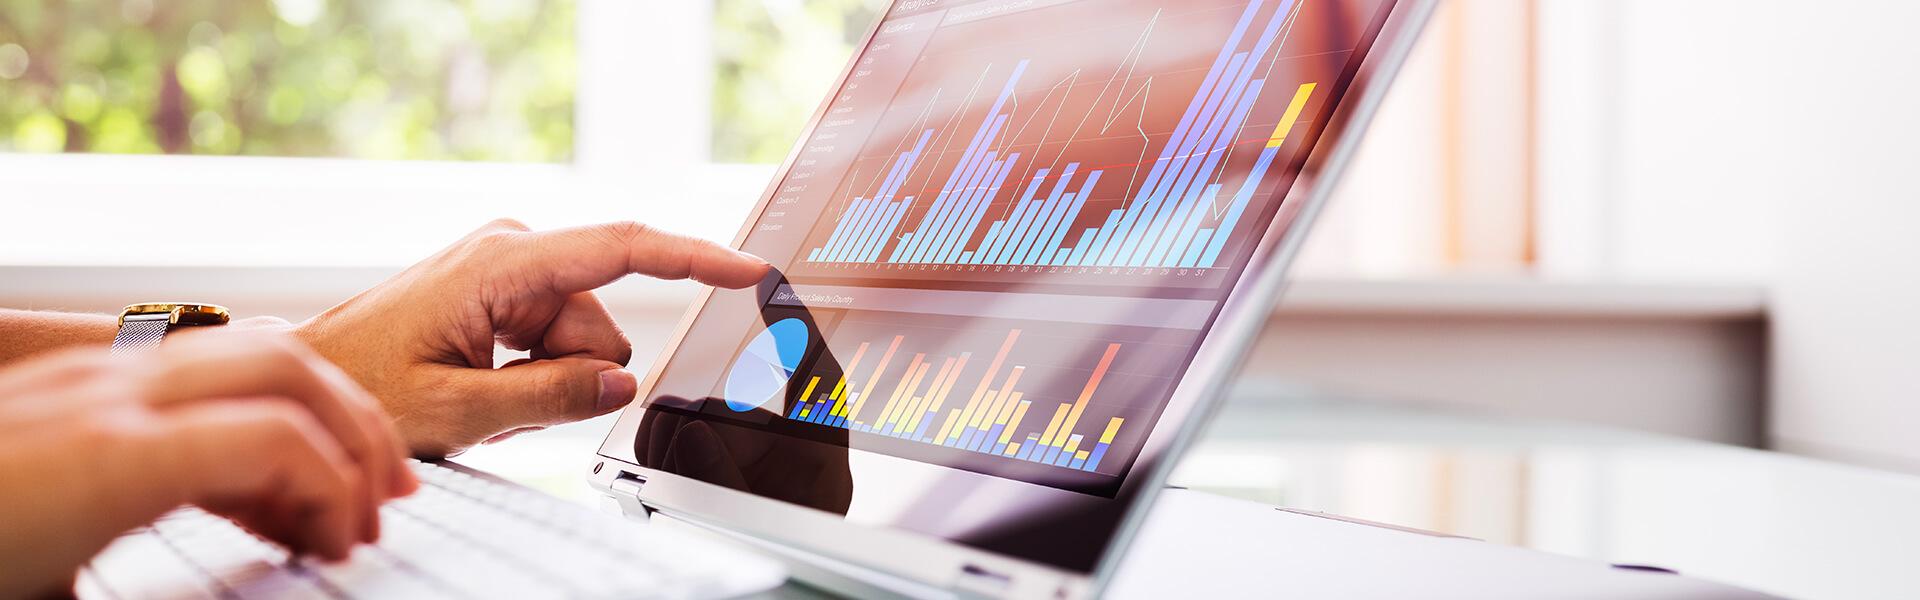 Scopri come l'analisi predittiva migliora l'analisi del cash flow